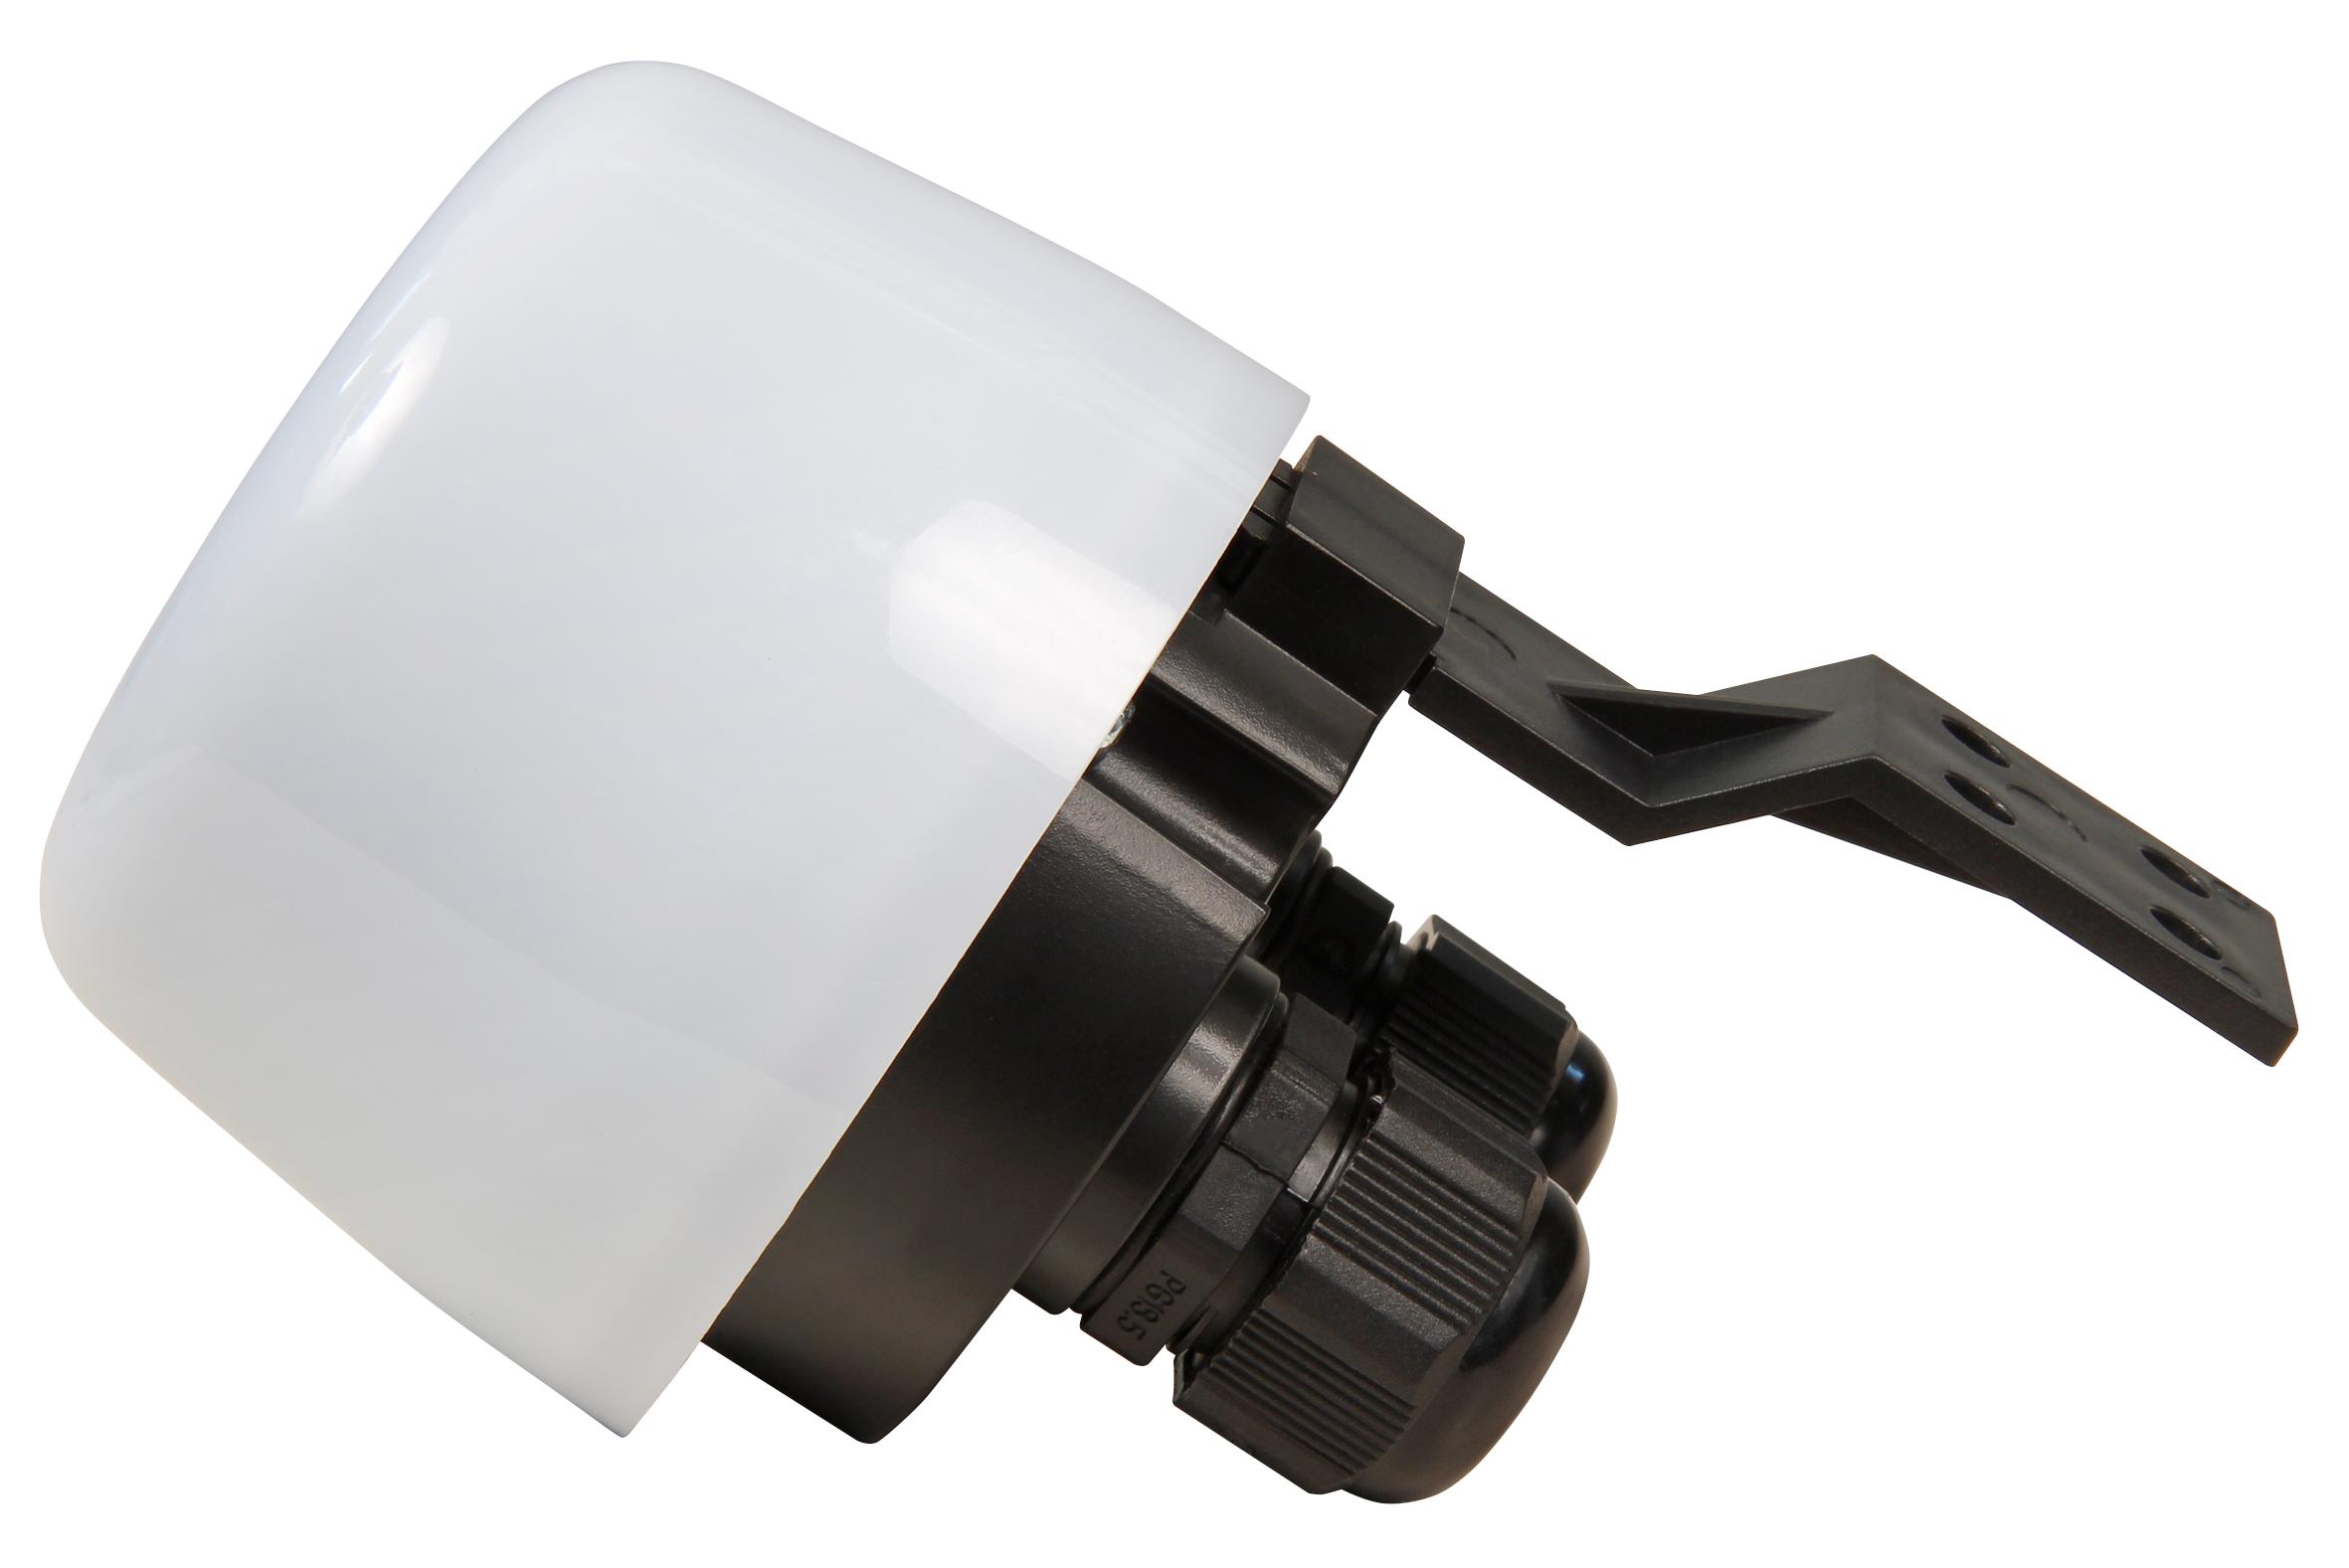 Dämmerungsschalter McShine, 230V/15A, IP66, 5-50Lux einstellbar